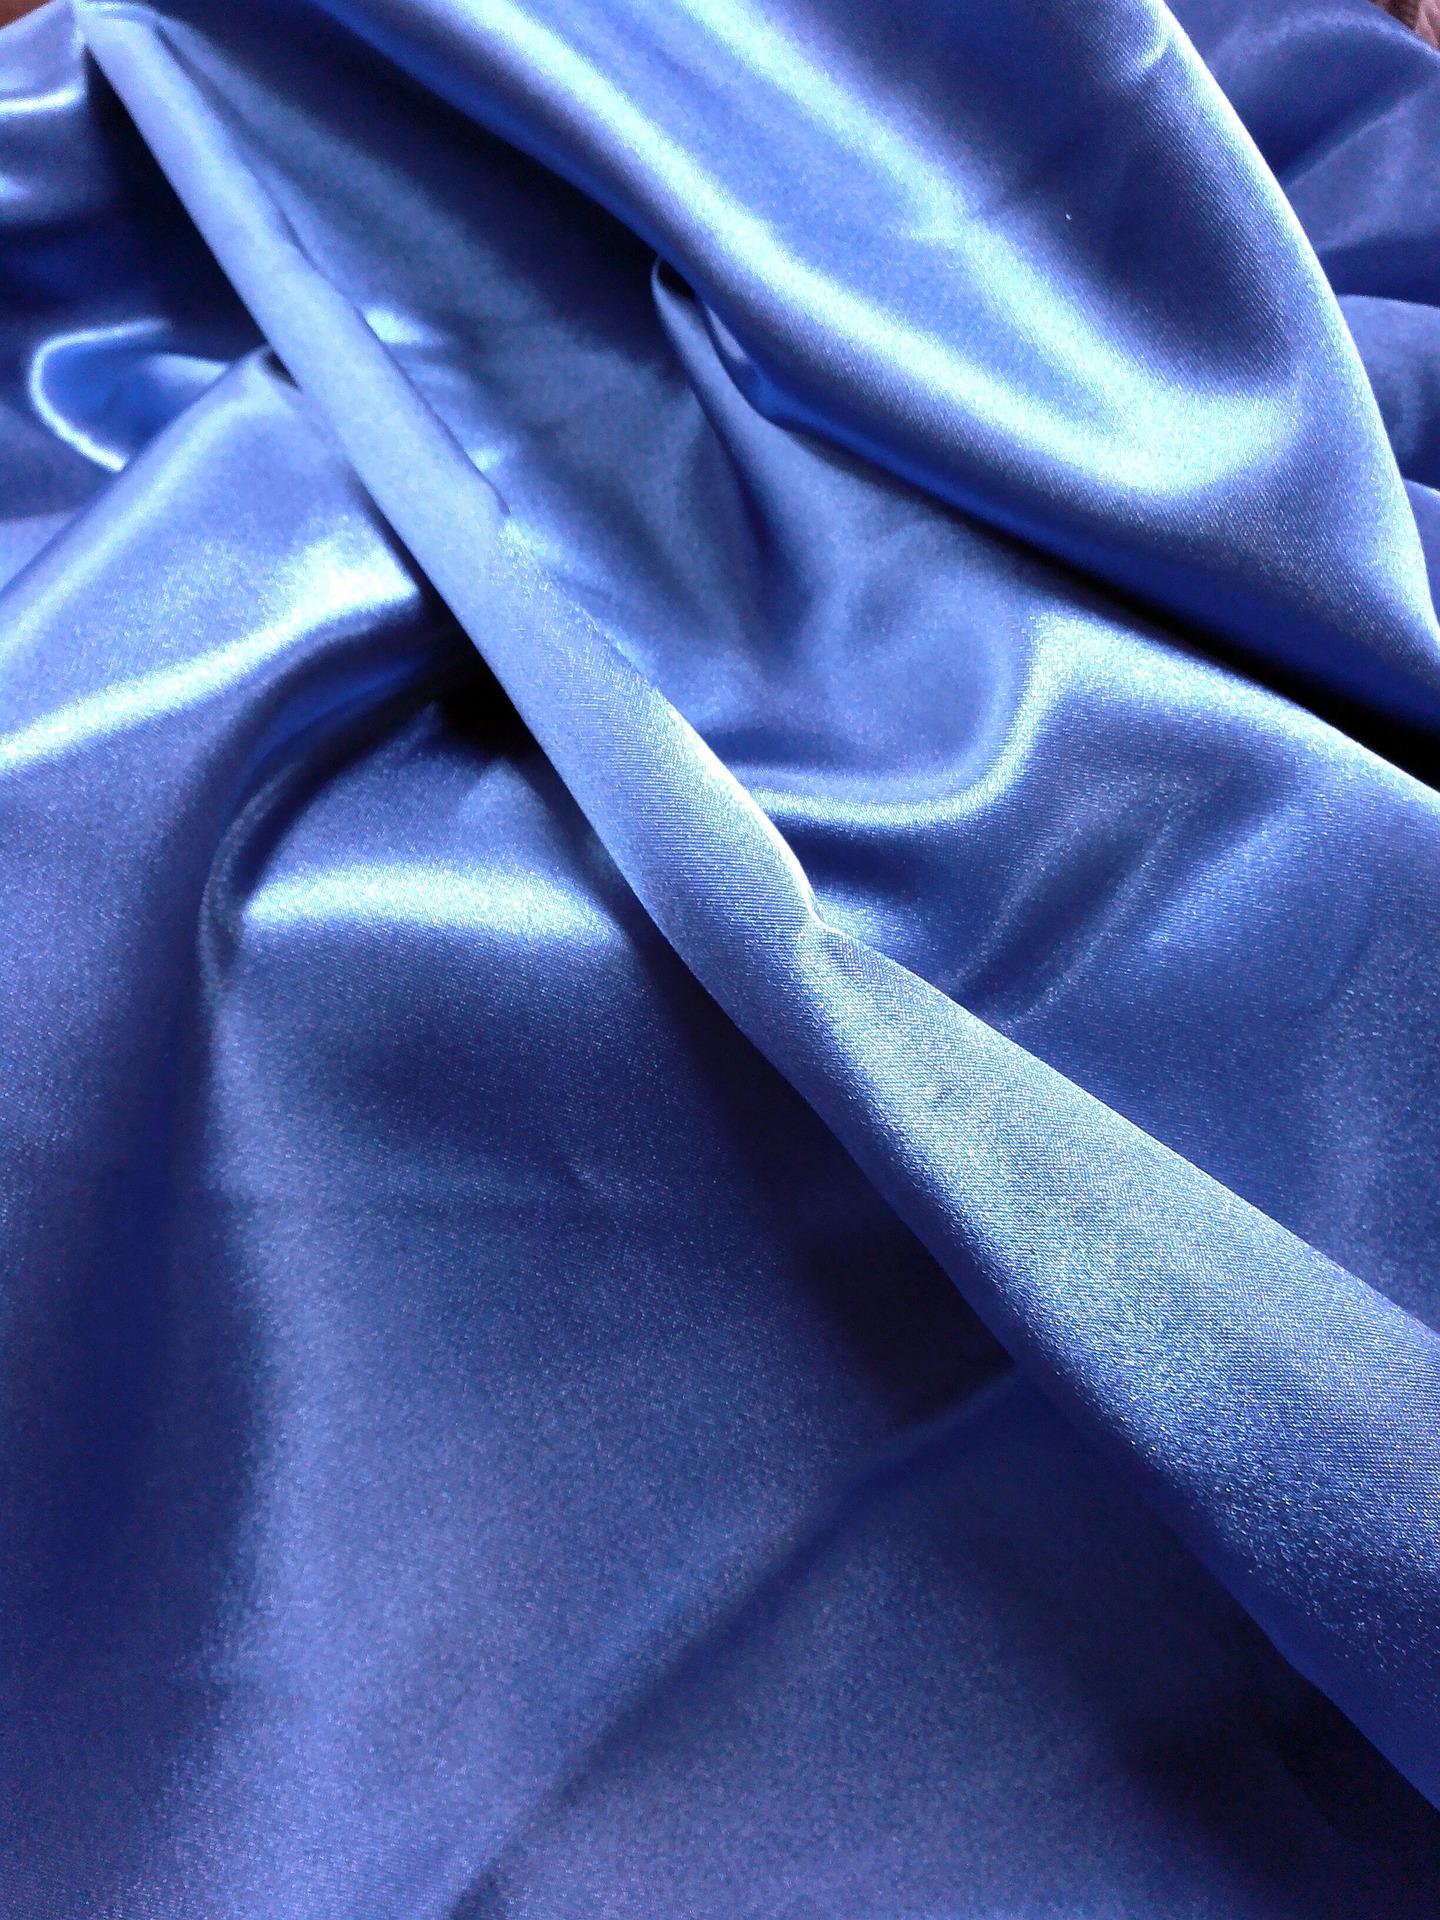 silk-845134_1920